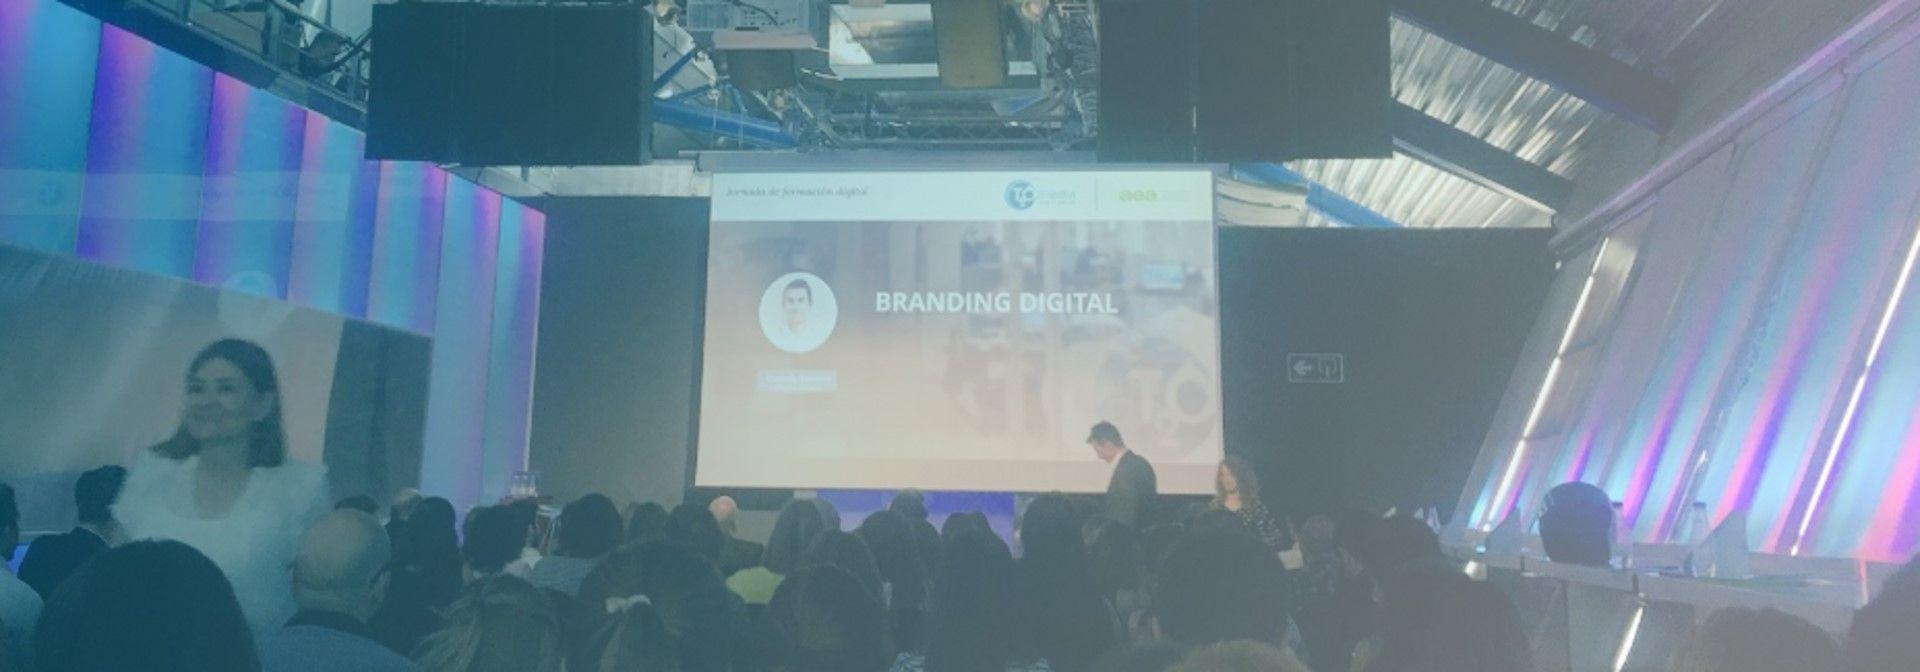 Presentación Branding Digital